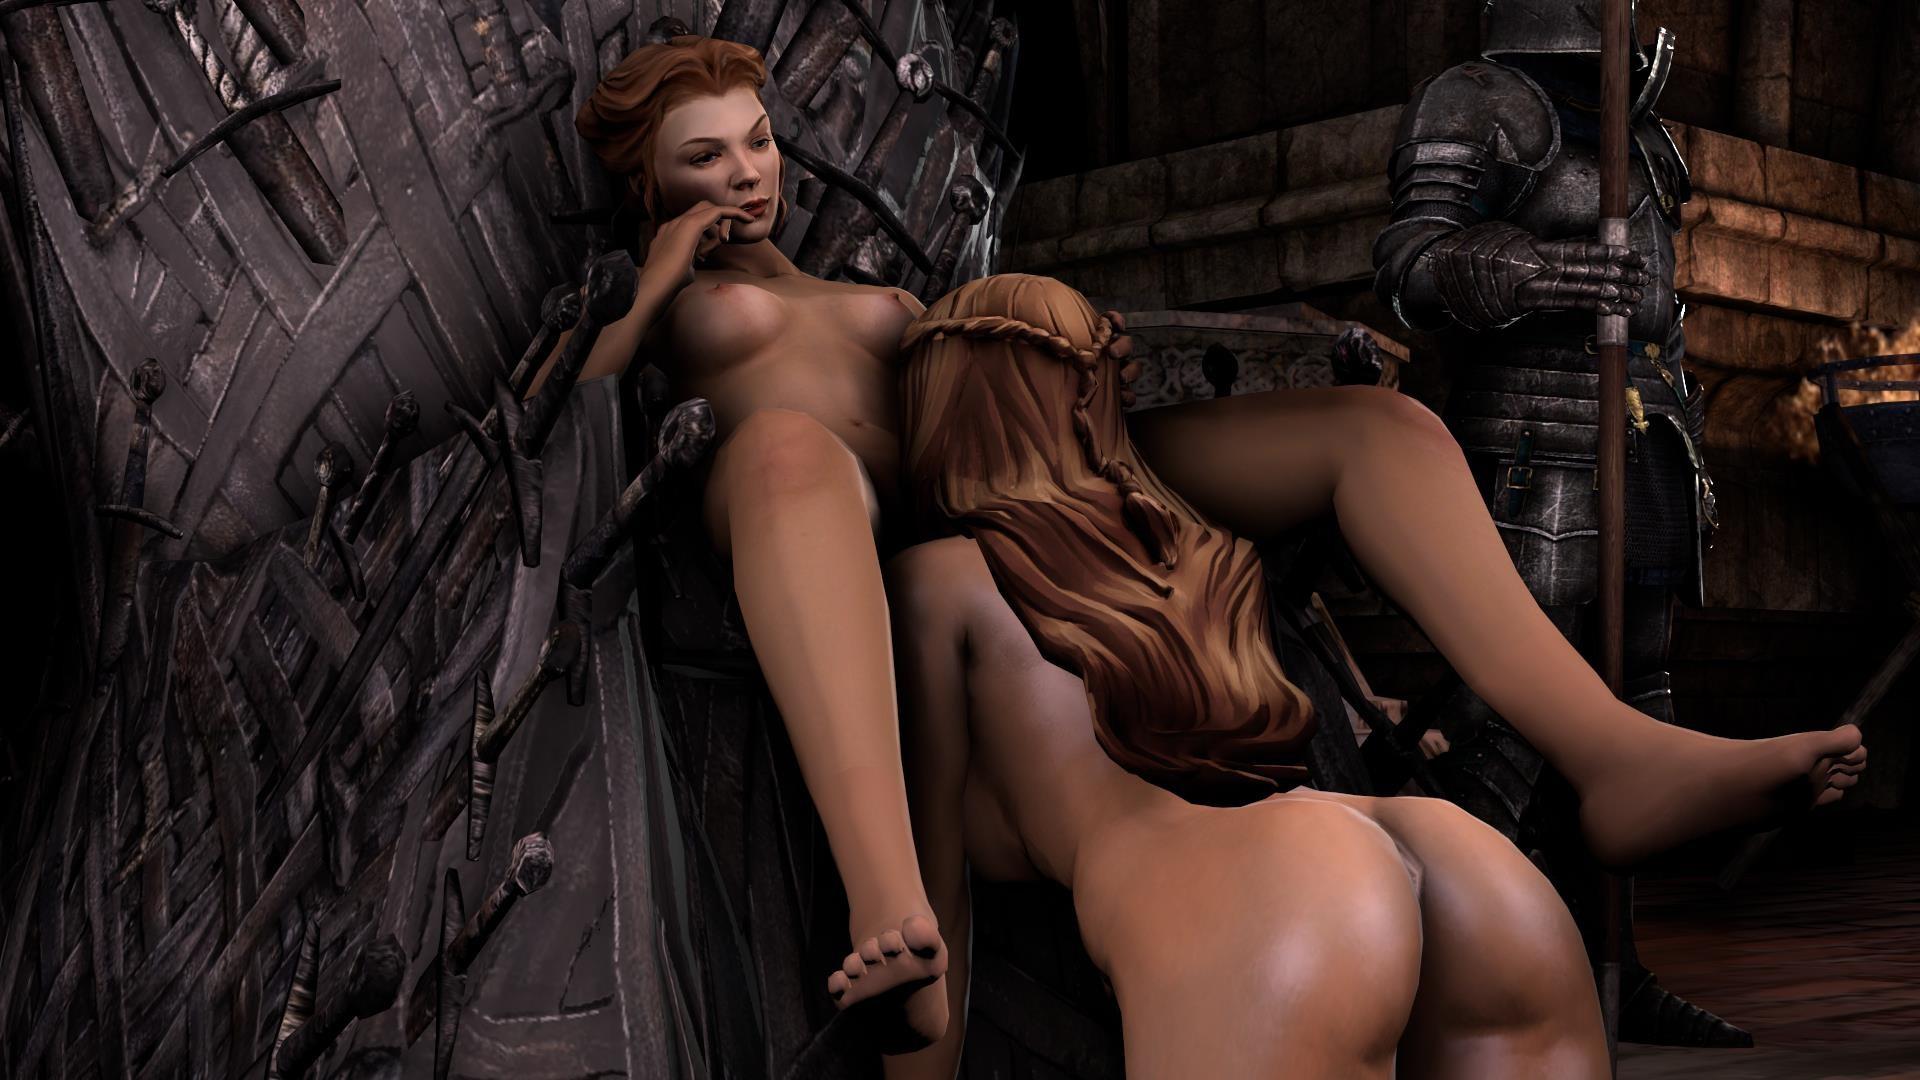 сожалению, девушек голые игры эротические только